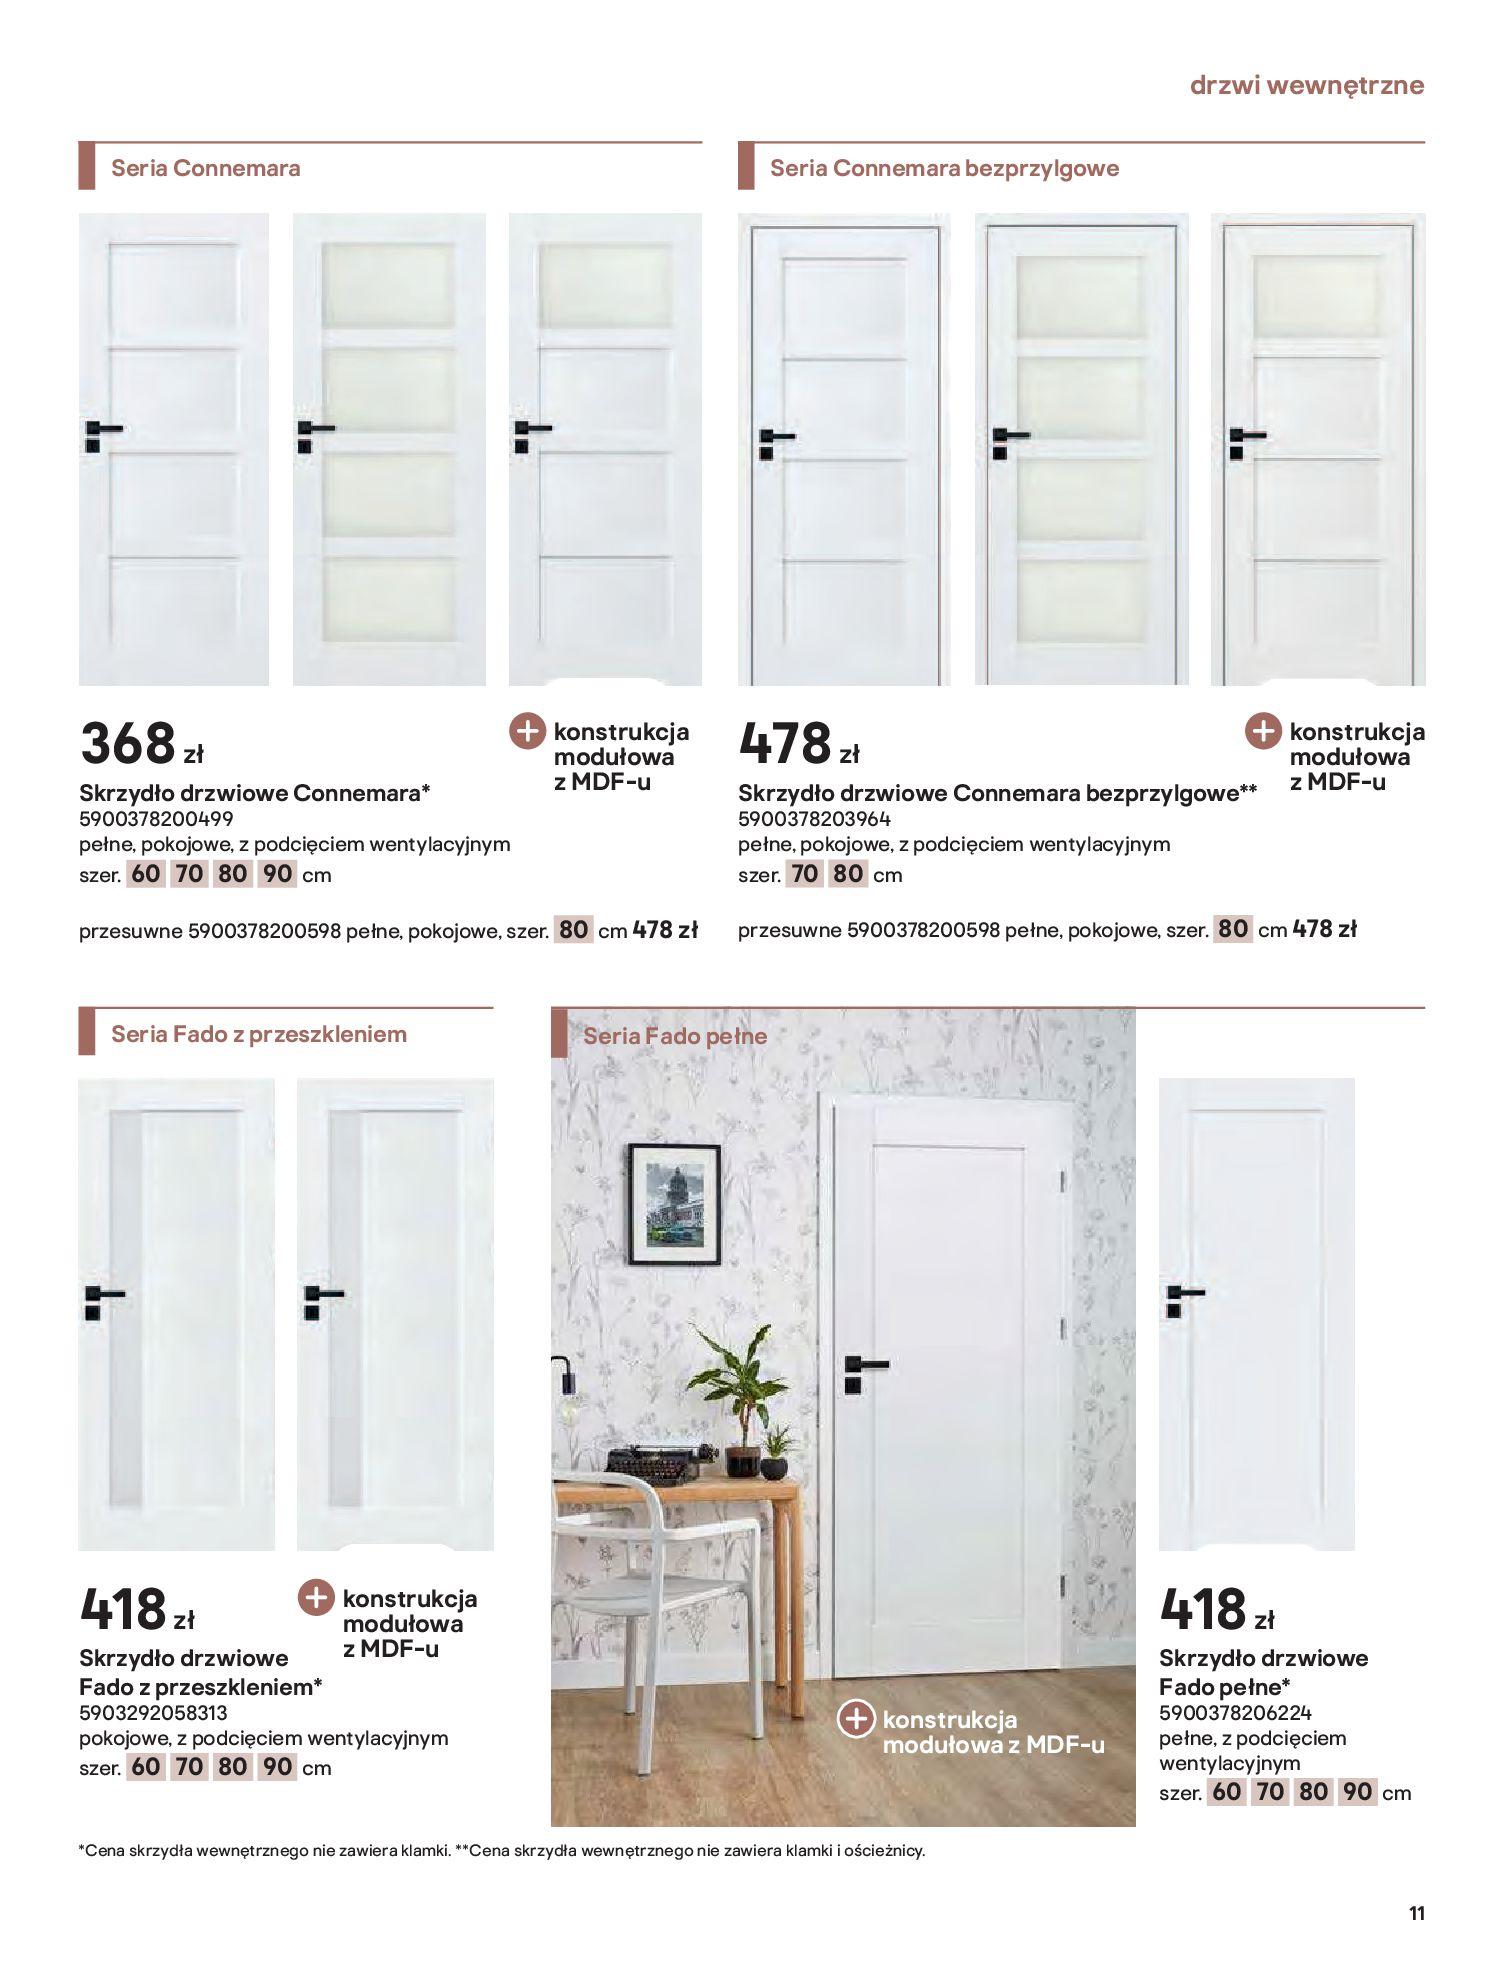 Gazetka Castorama: Gazetka Castorama - Przewodnik drzwi i podłogi 2021 2021-08-11 page-11